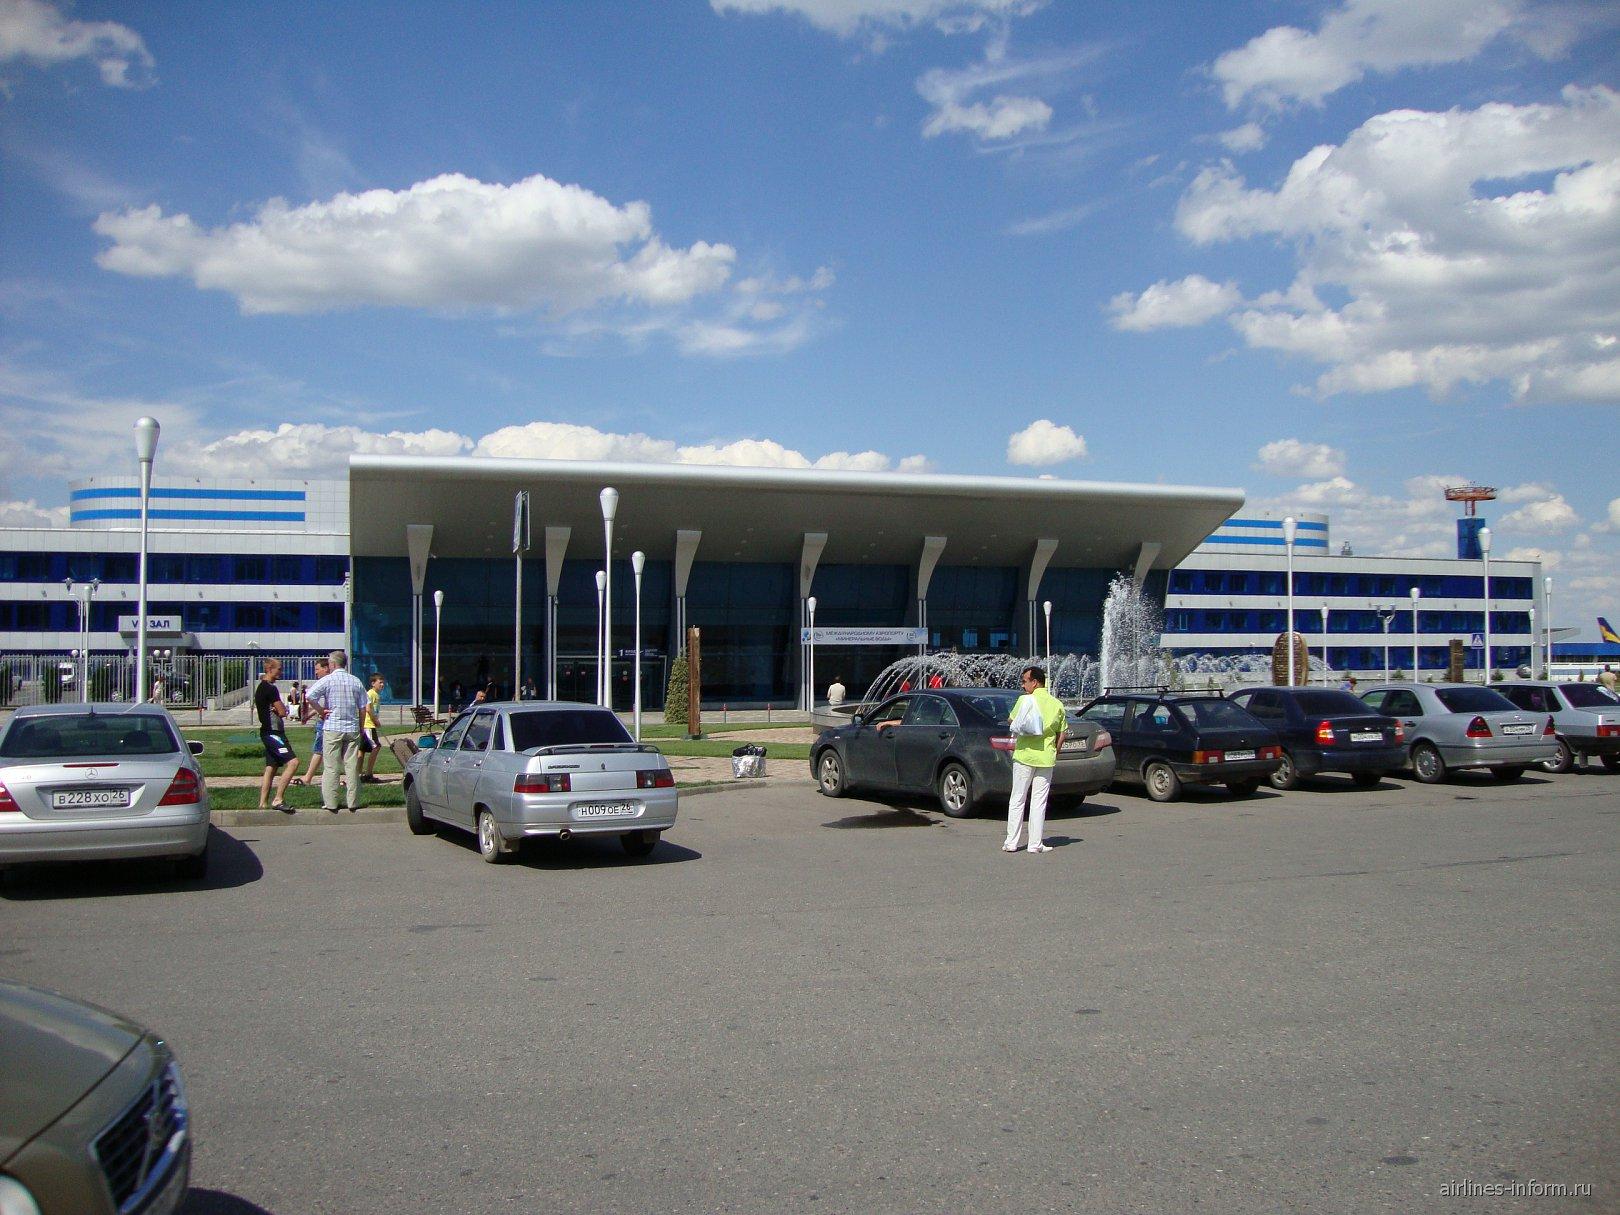 Аэровокзал аэропорта Минеральные Воды